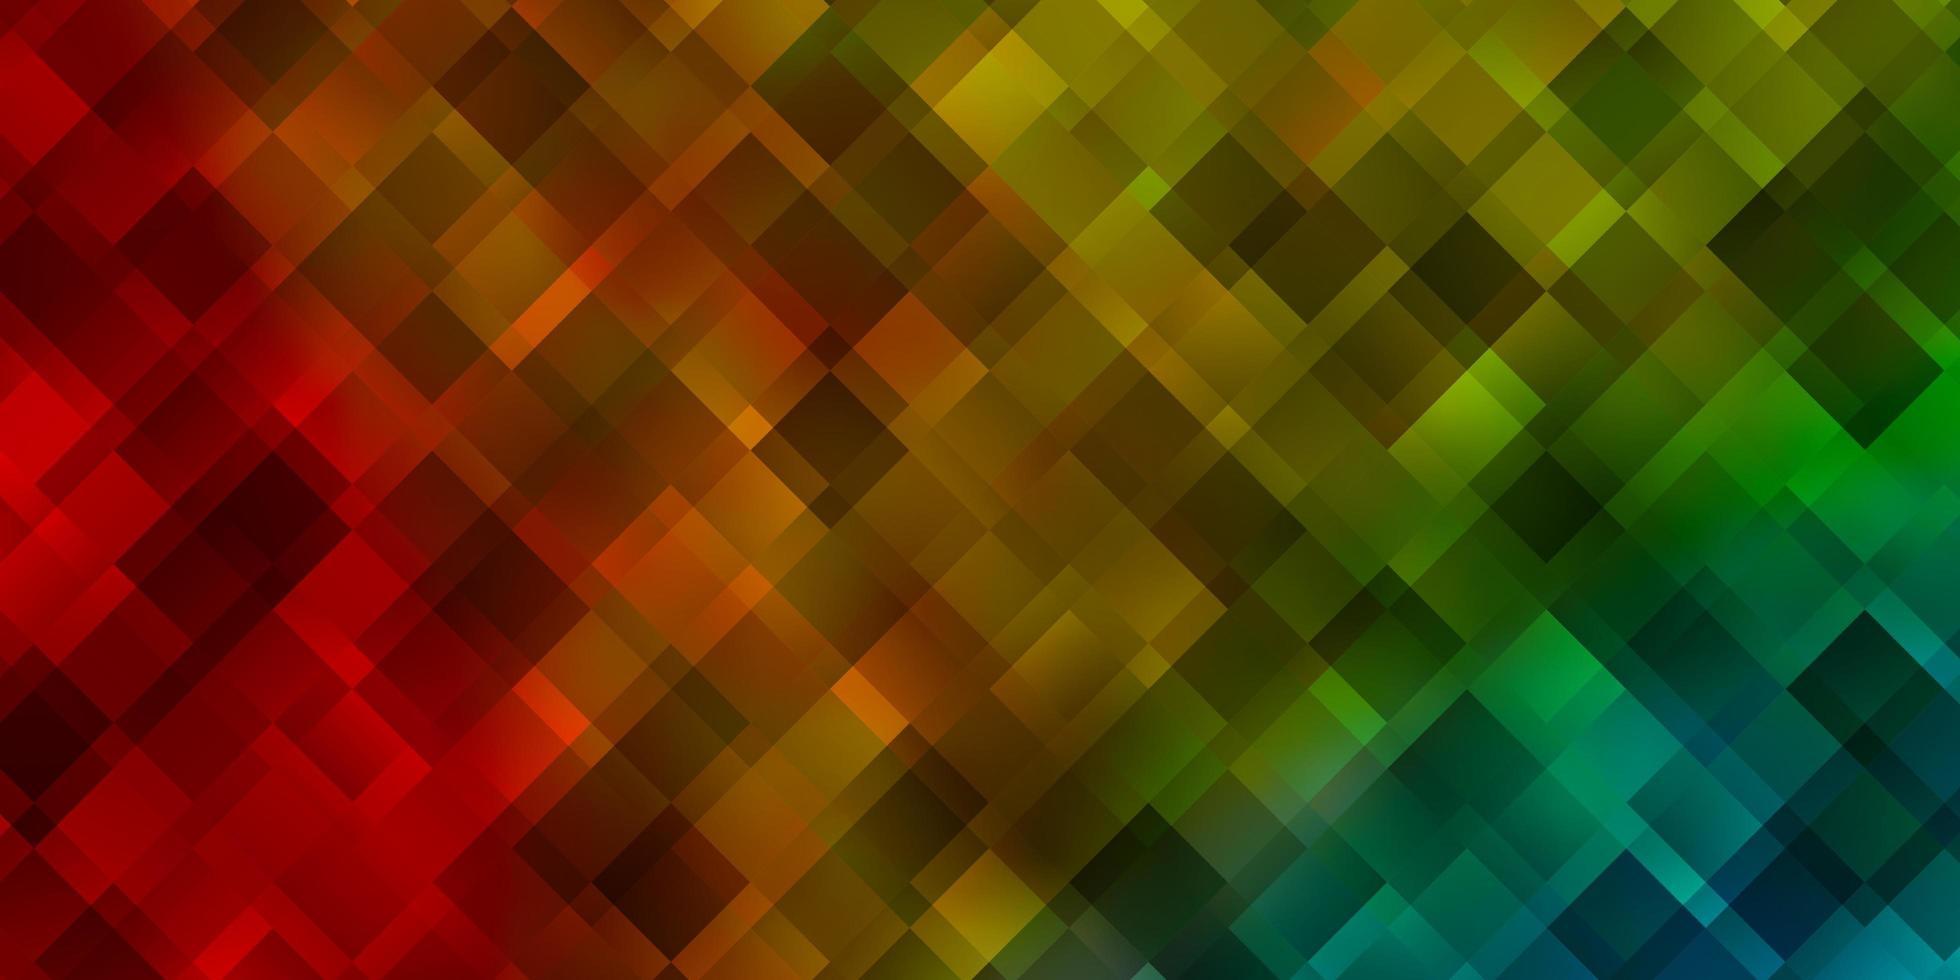 ljusblå, gul vektorbakgrund i polygonal stil. vektor